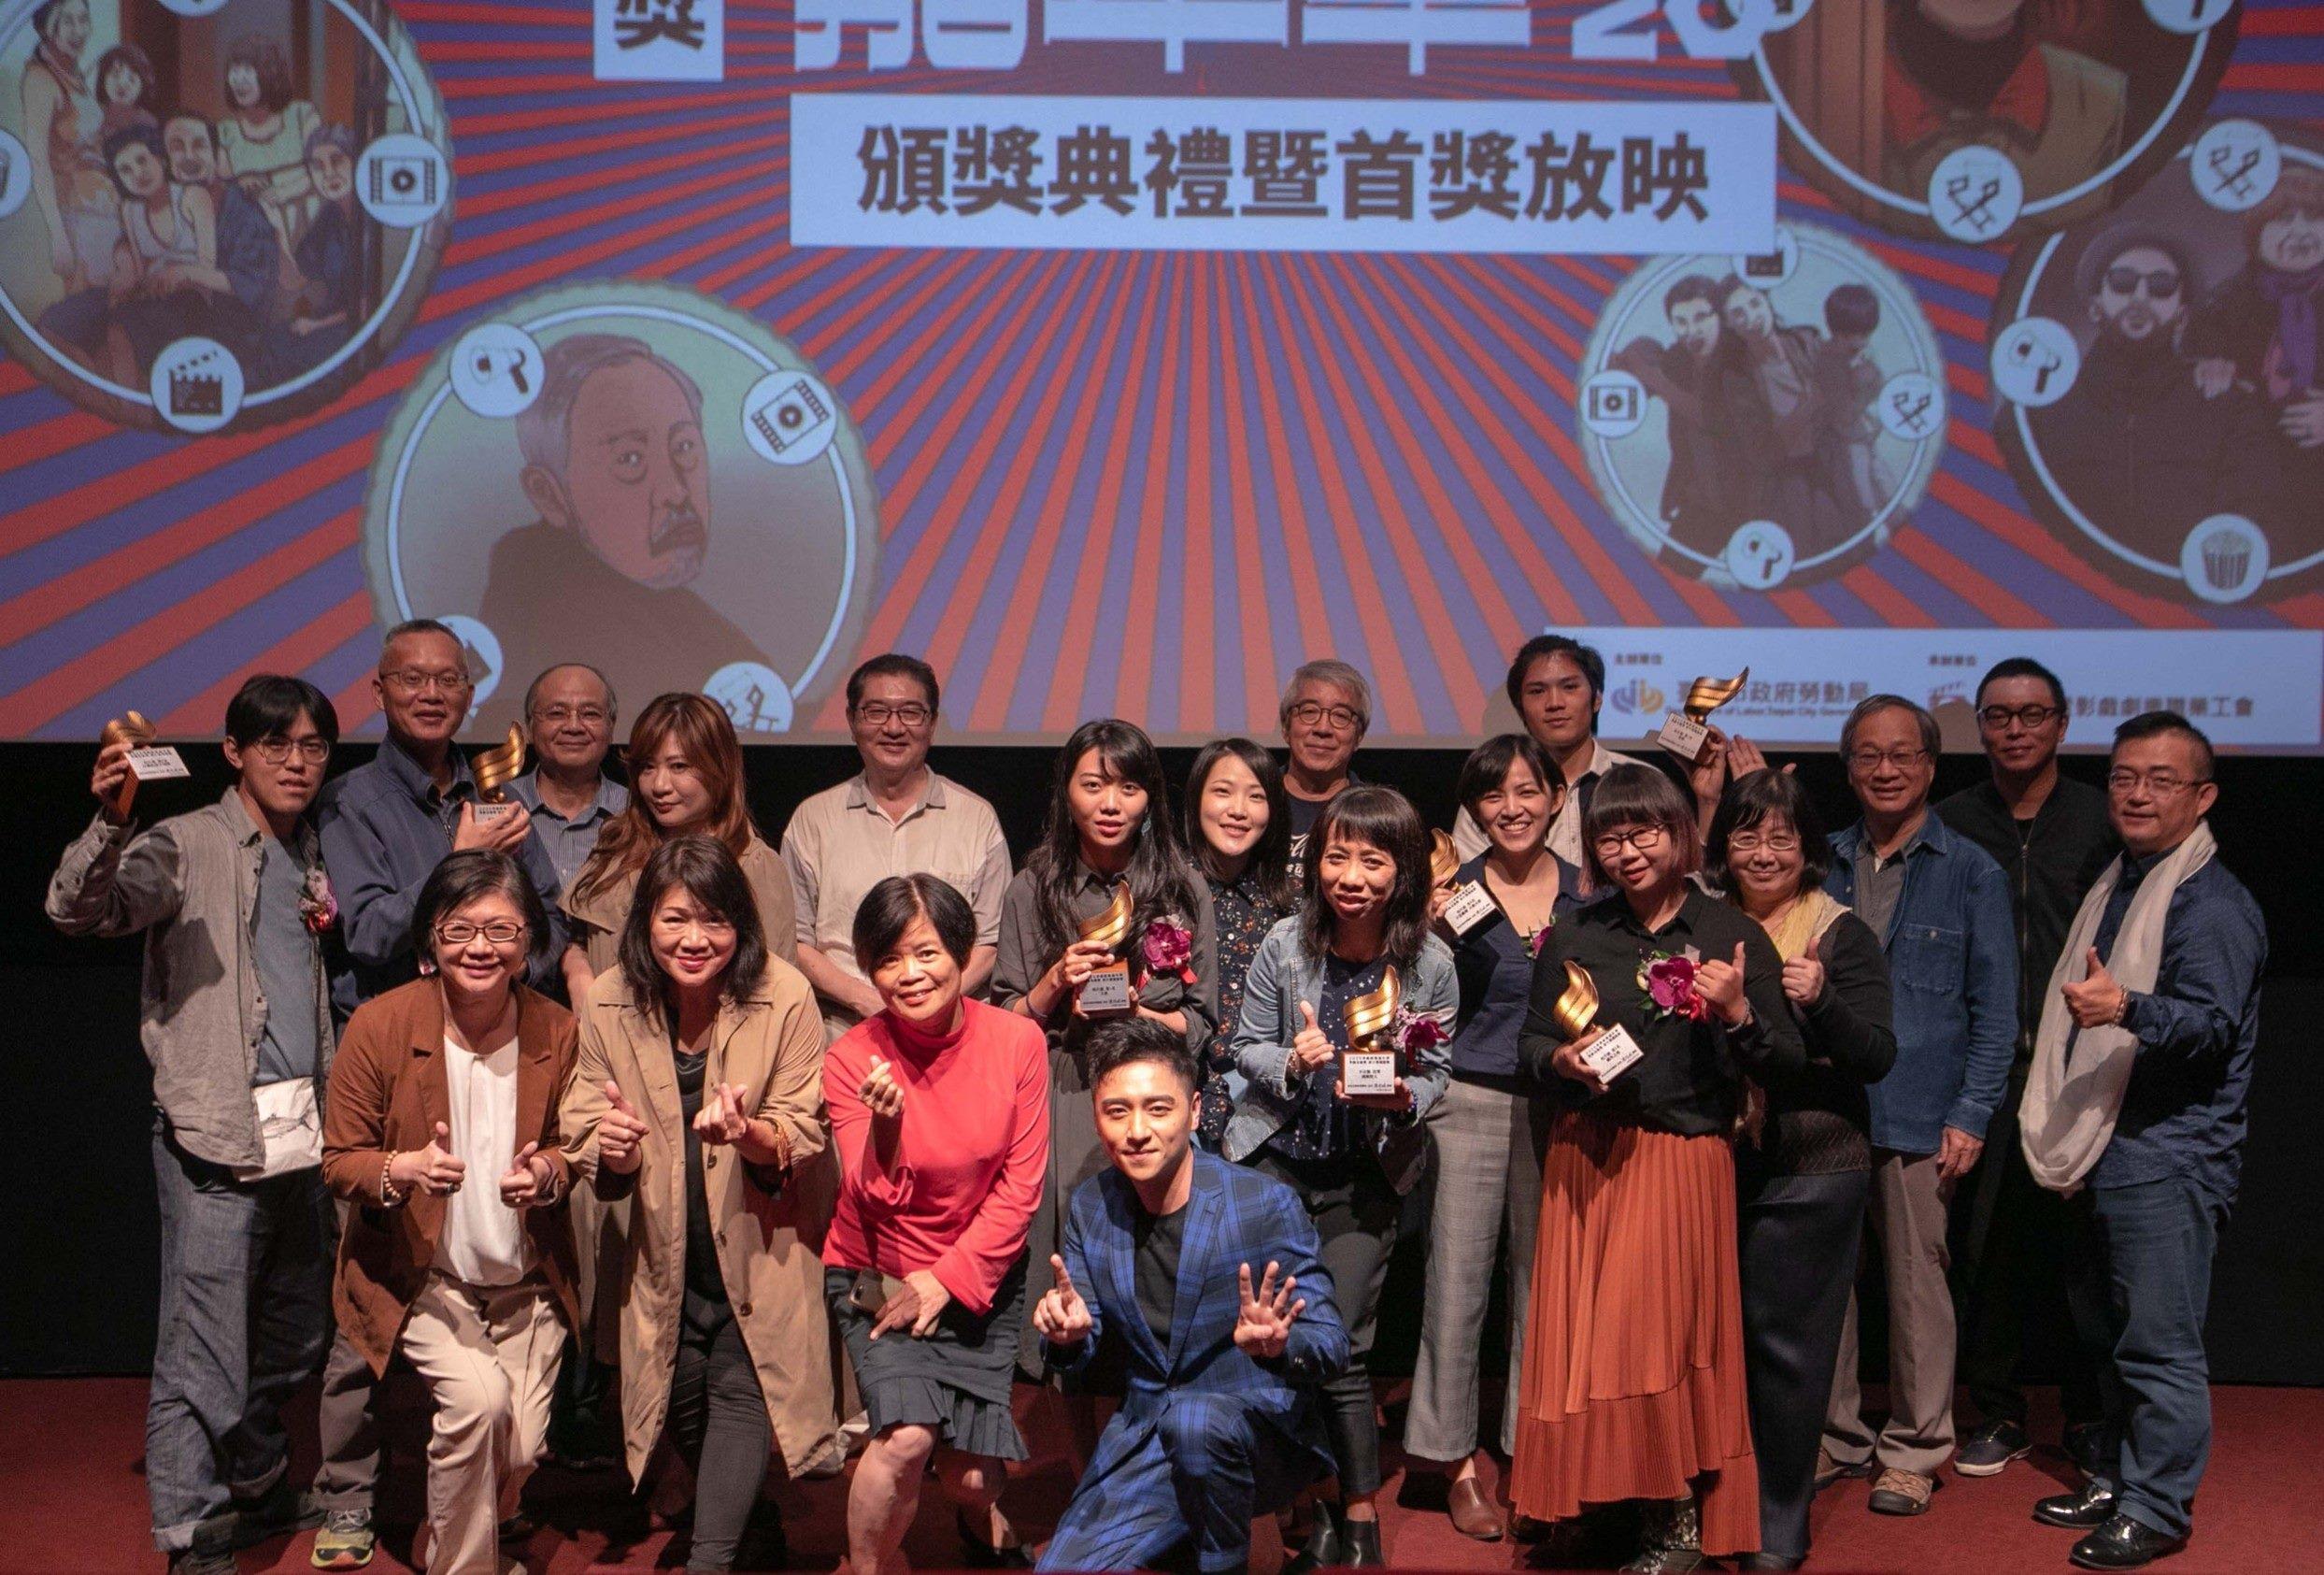 2020勞動金像獎頒獎人、得獎者、評審、代言人及現場貴賓大合影